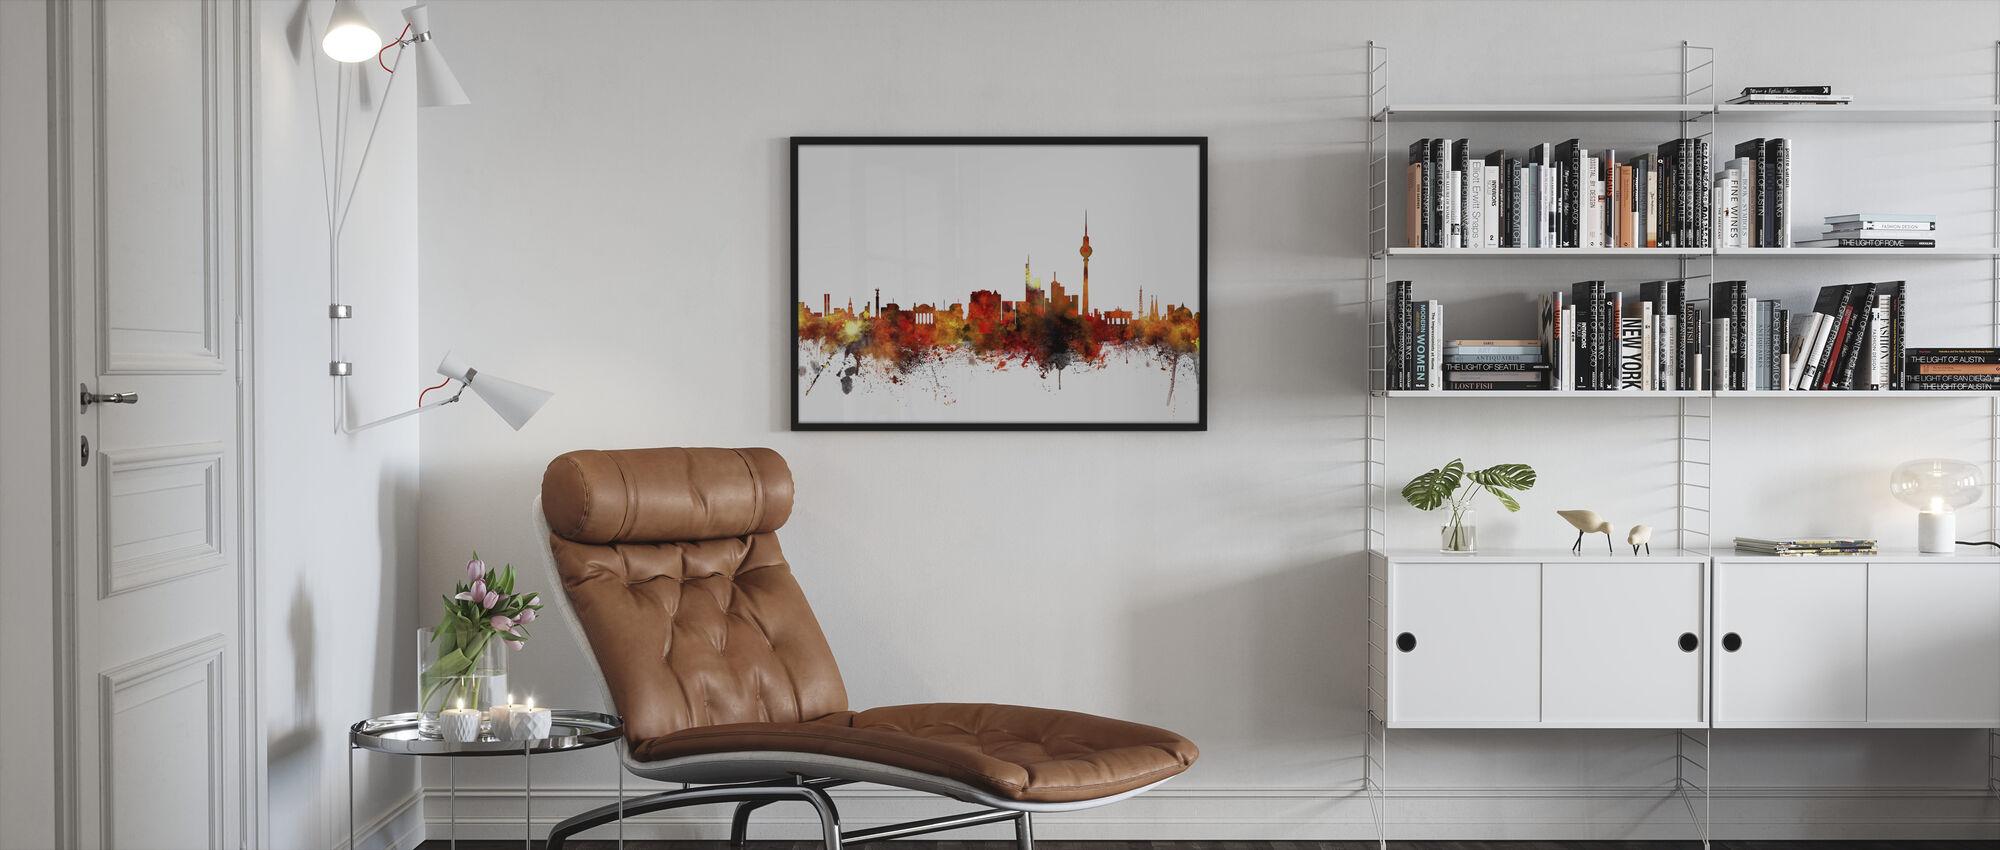 Berlin Skyline 2 - Framed print - Living Room